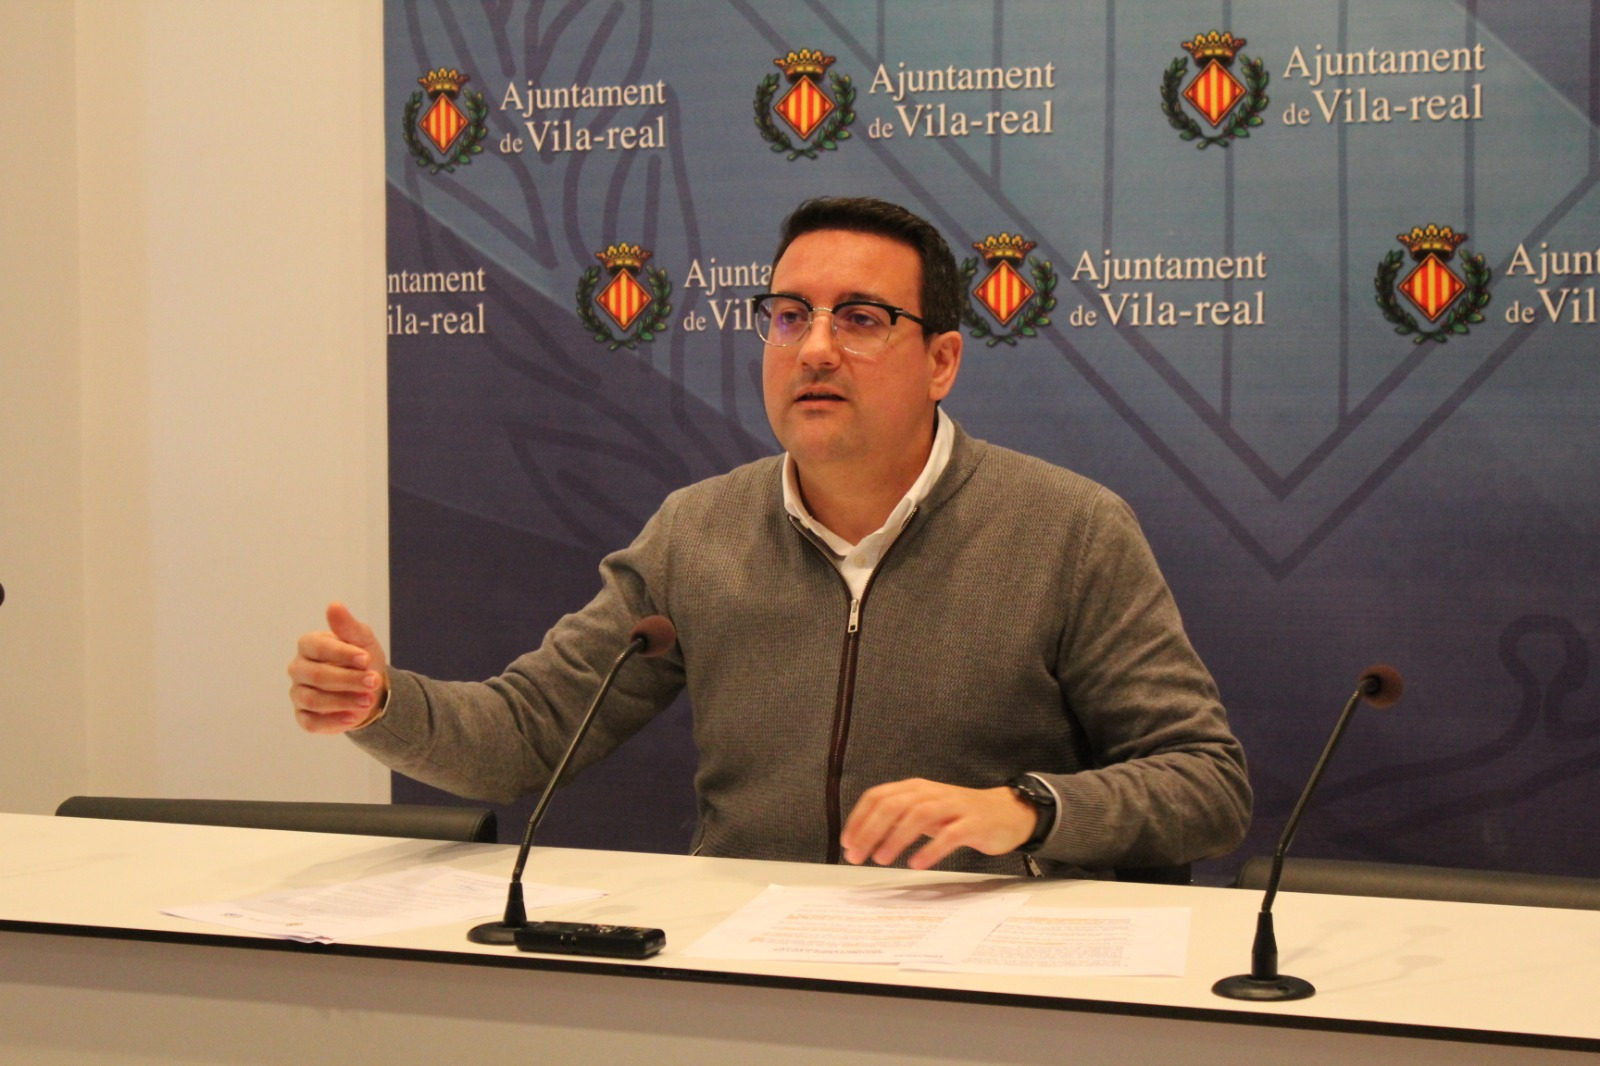 El PP urge que se paguen los convenios con las entidades sociales de Vila-real